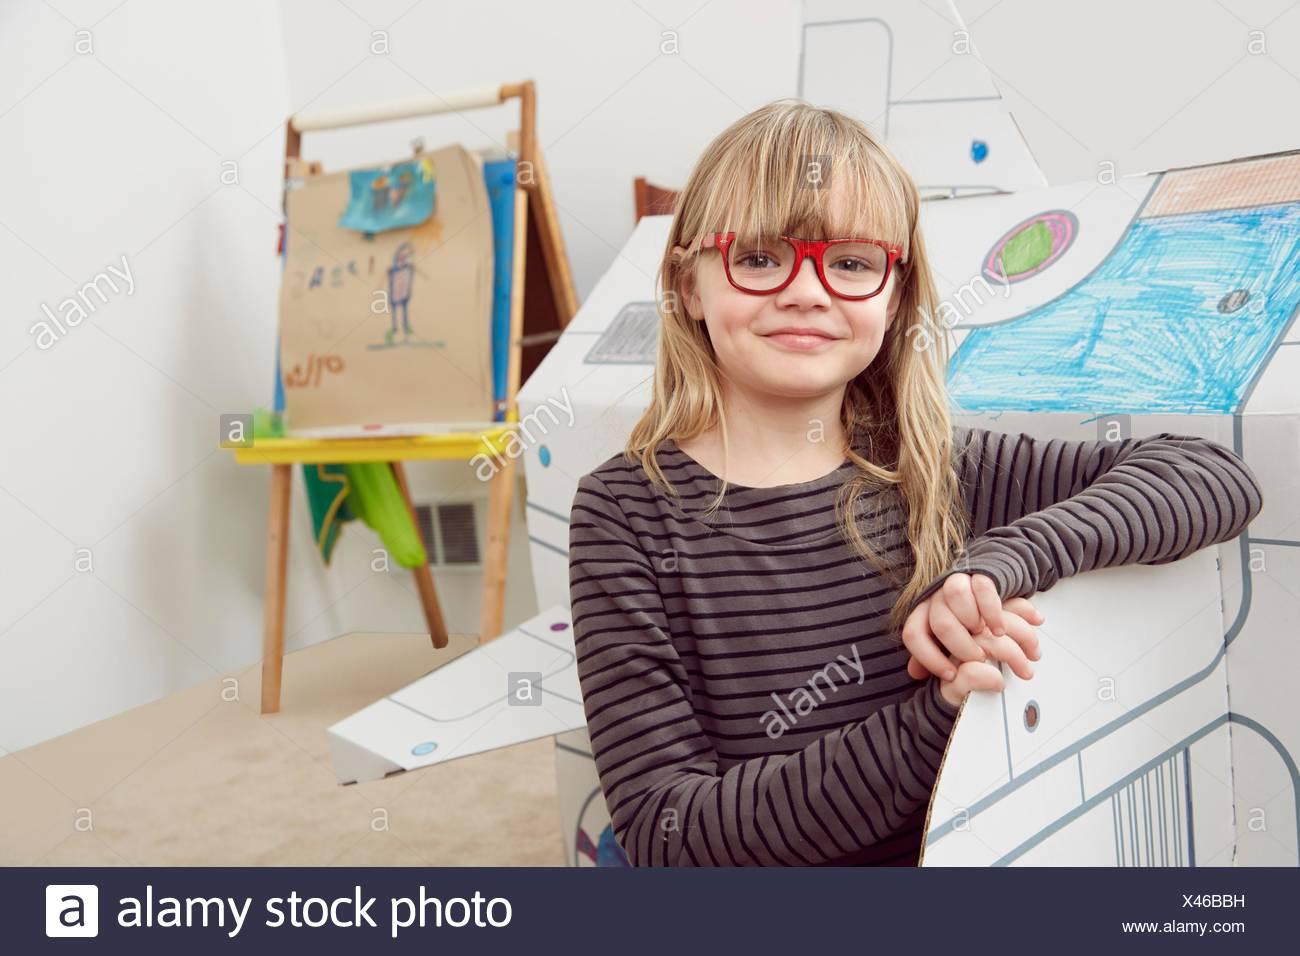 Ritratto di giovane ragazza in piedi accanto a astronave di cartone Immagini Stock